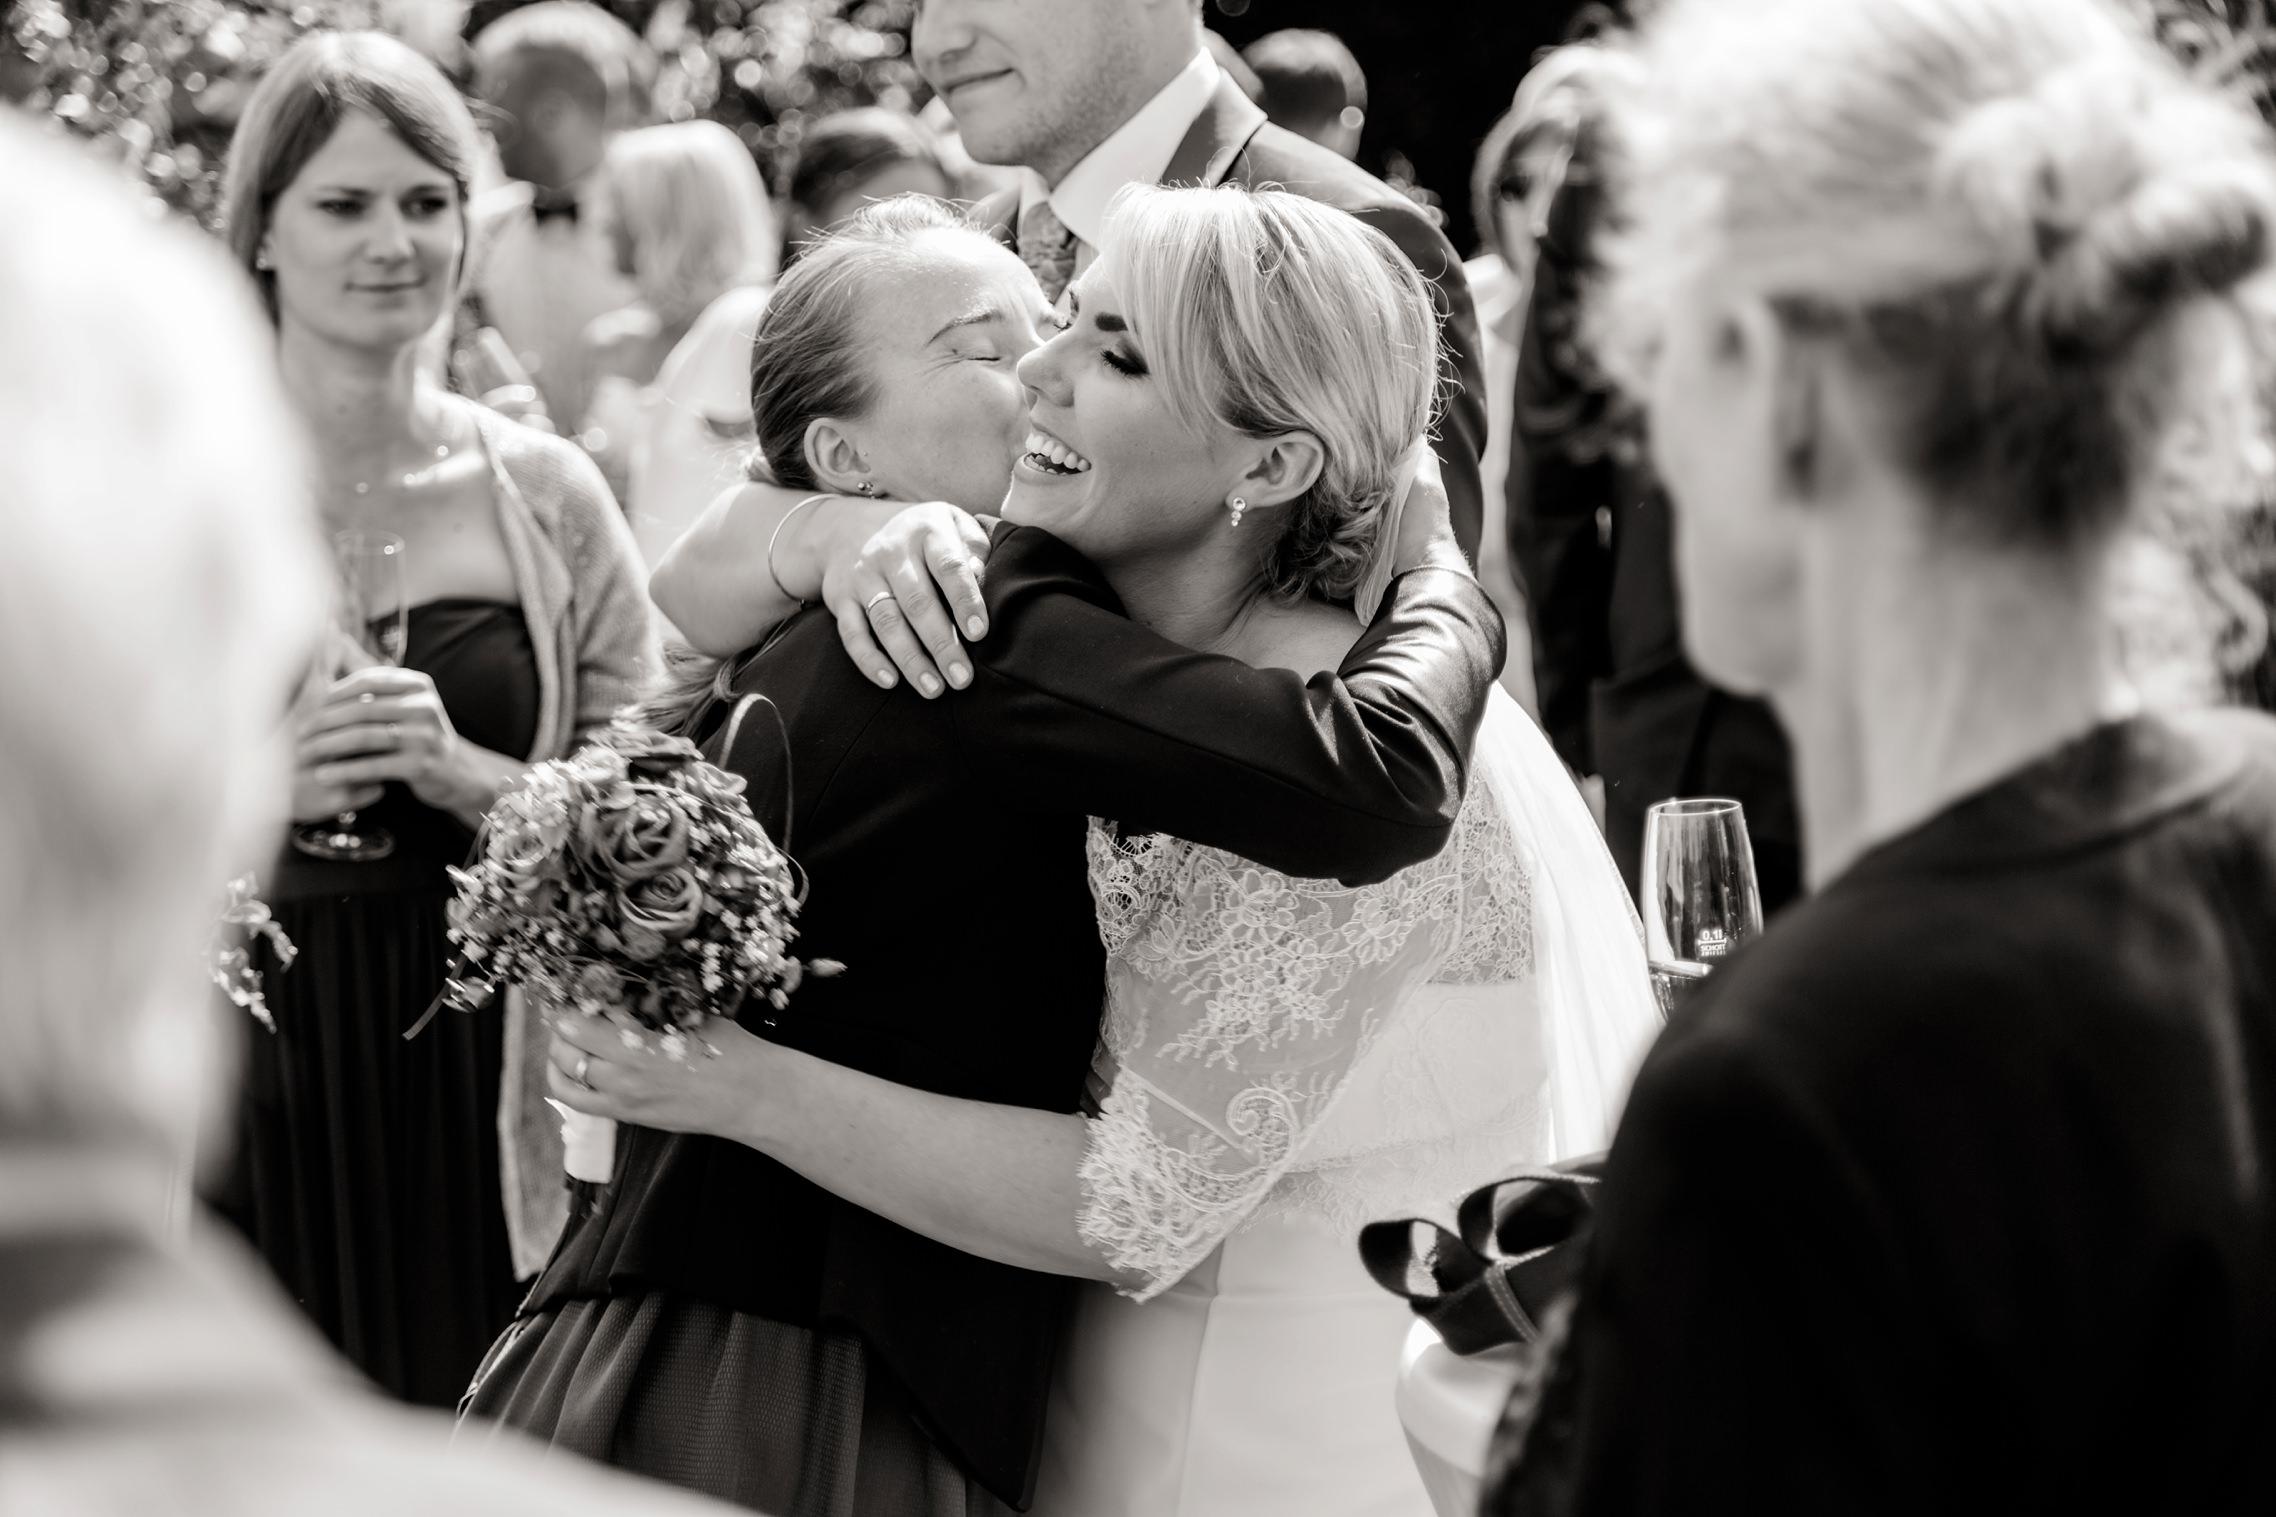 SW-Bild der Braut, die während der Gratulationen herzlich von einem Gast in den Arm genommen und geküsst wird.